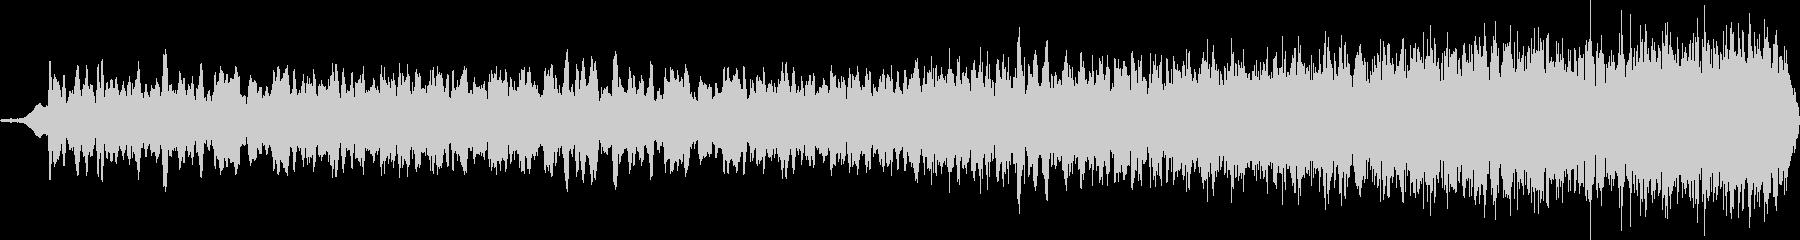 暗闇でのスペイシーな音 ロングバージョンの未再生の波形